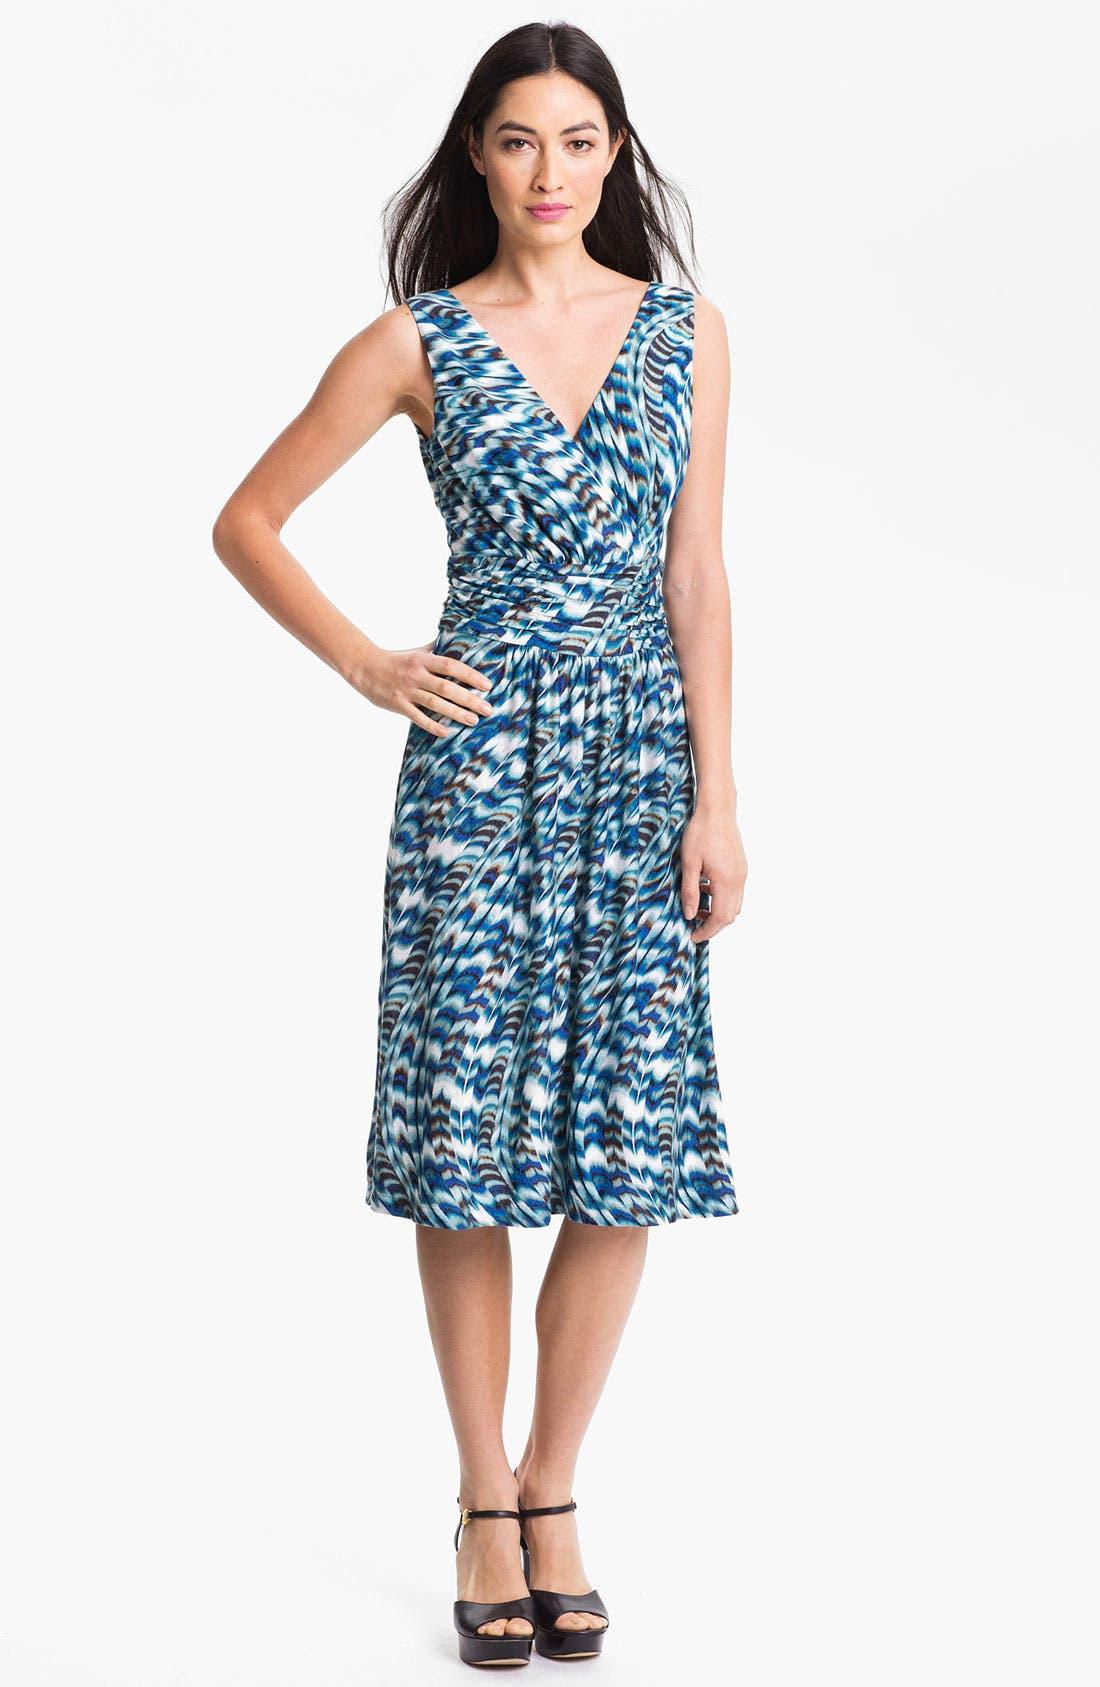 Main Image - Nic + Zoe 'Spring Skies' Dress